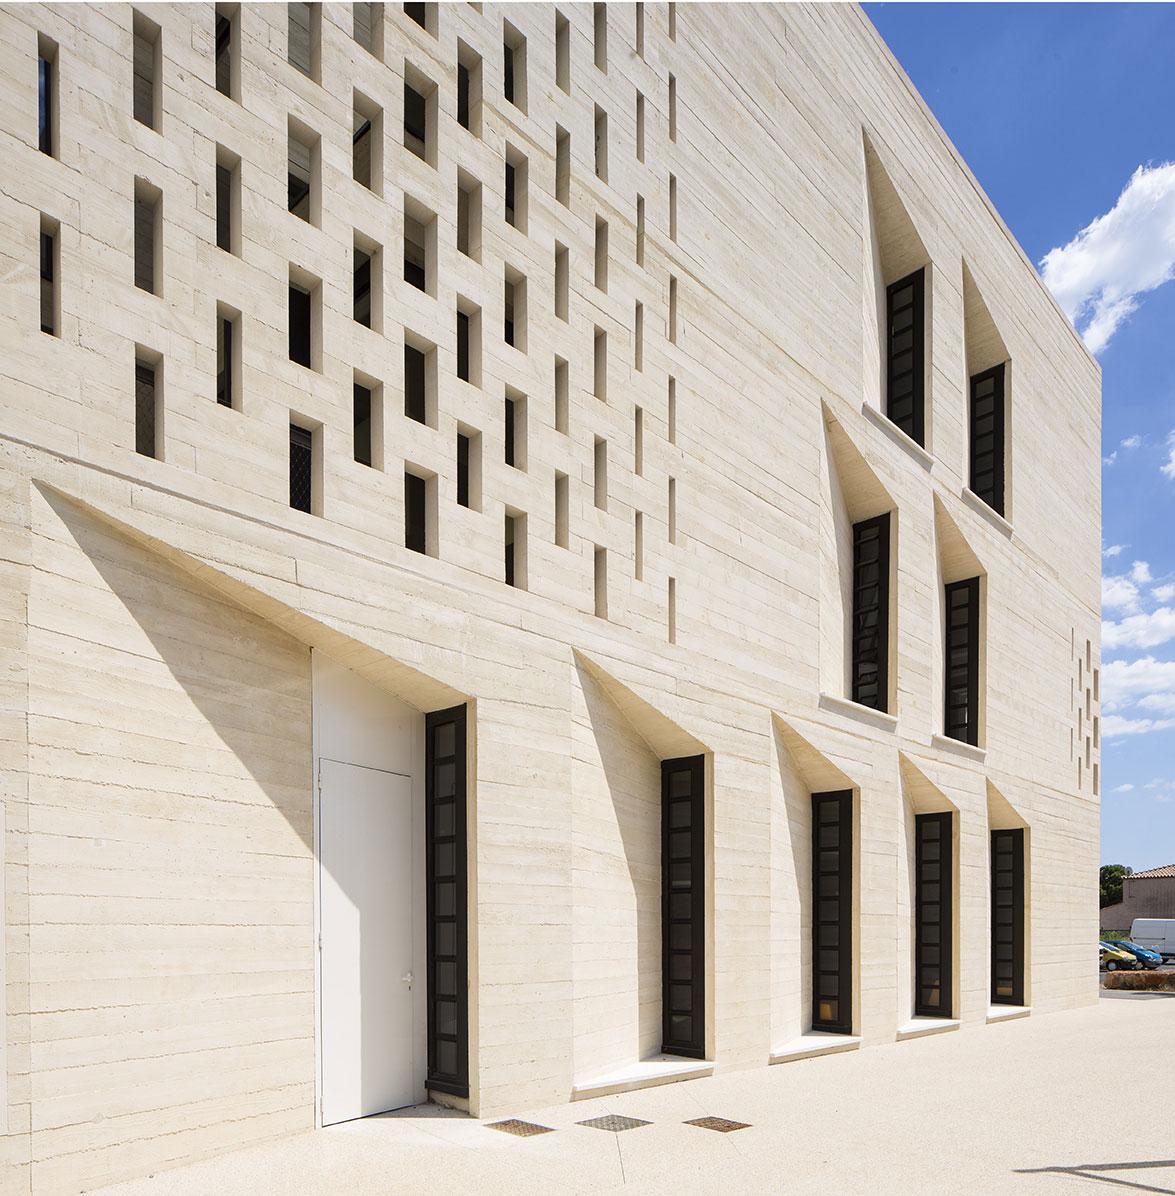 Tautem architecture - mediatheque Montaigne Frontignan détail de façade